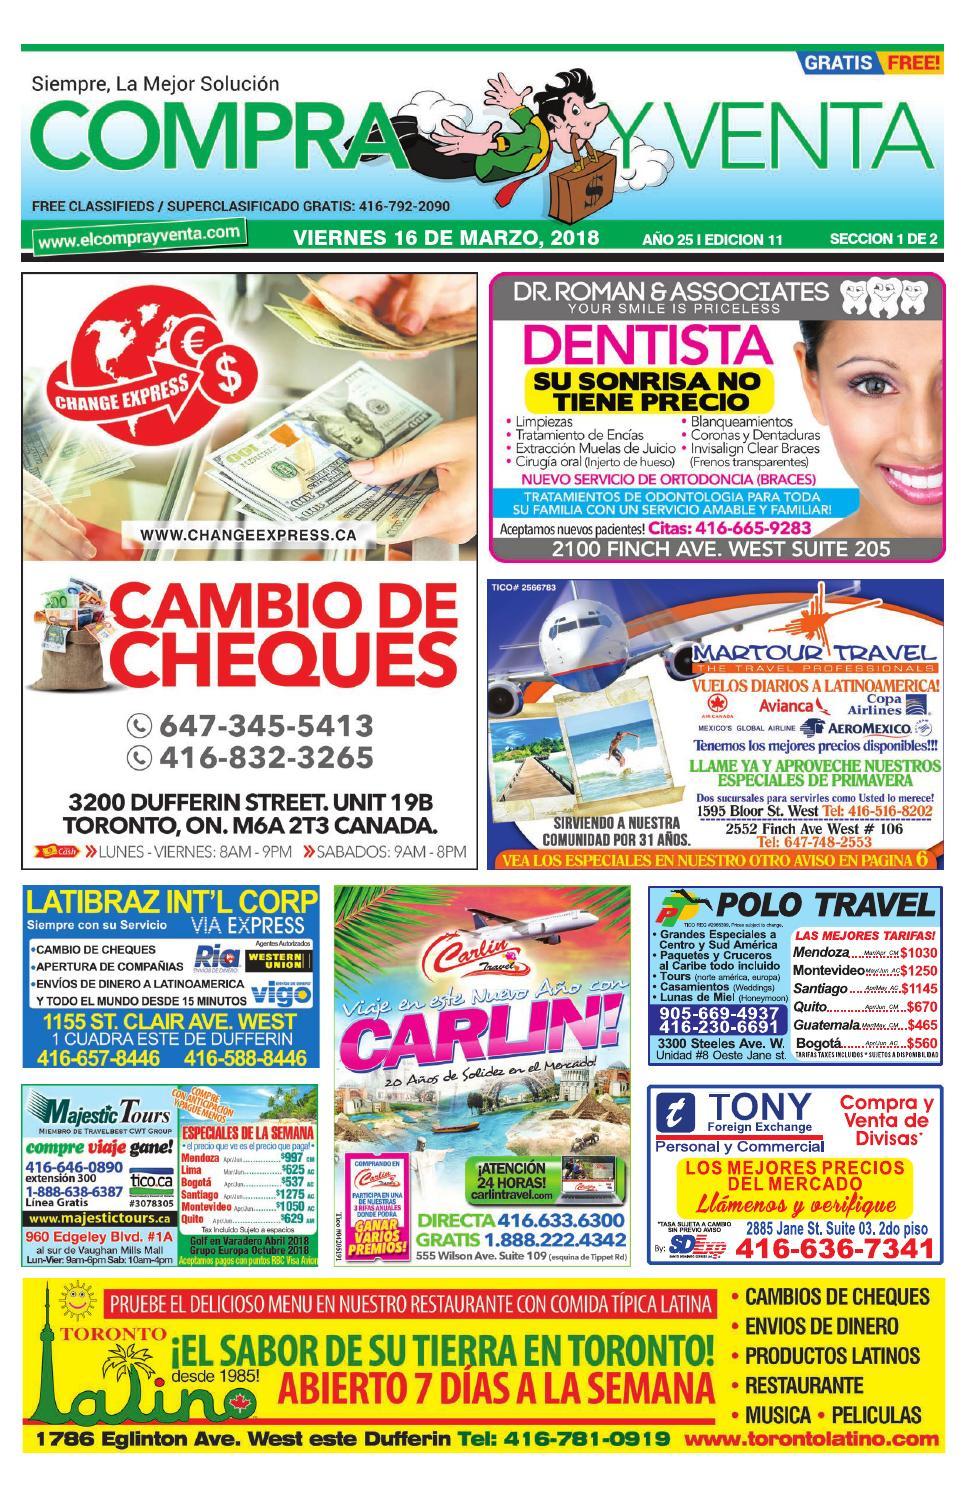 Compra y Venta Edicion  11. 2018 by elcomprayventa - issuu e0fb748f368b